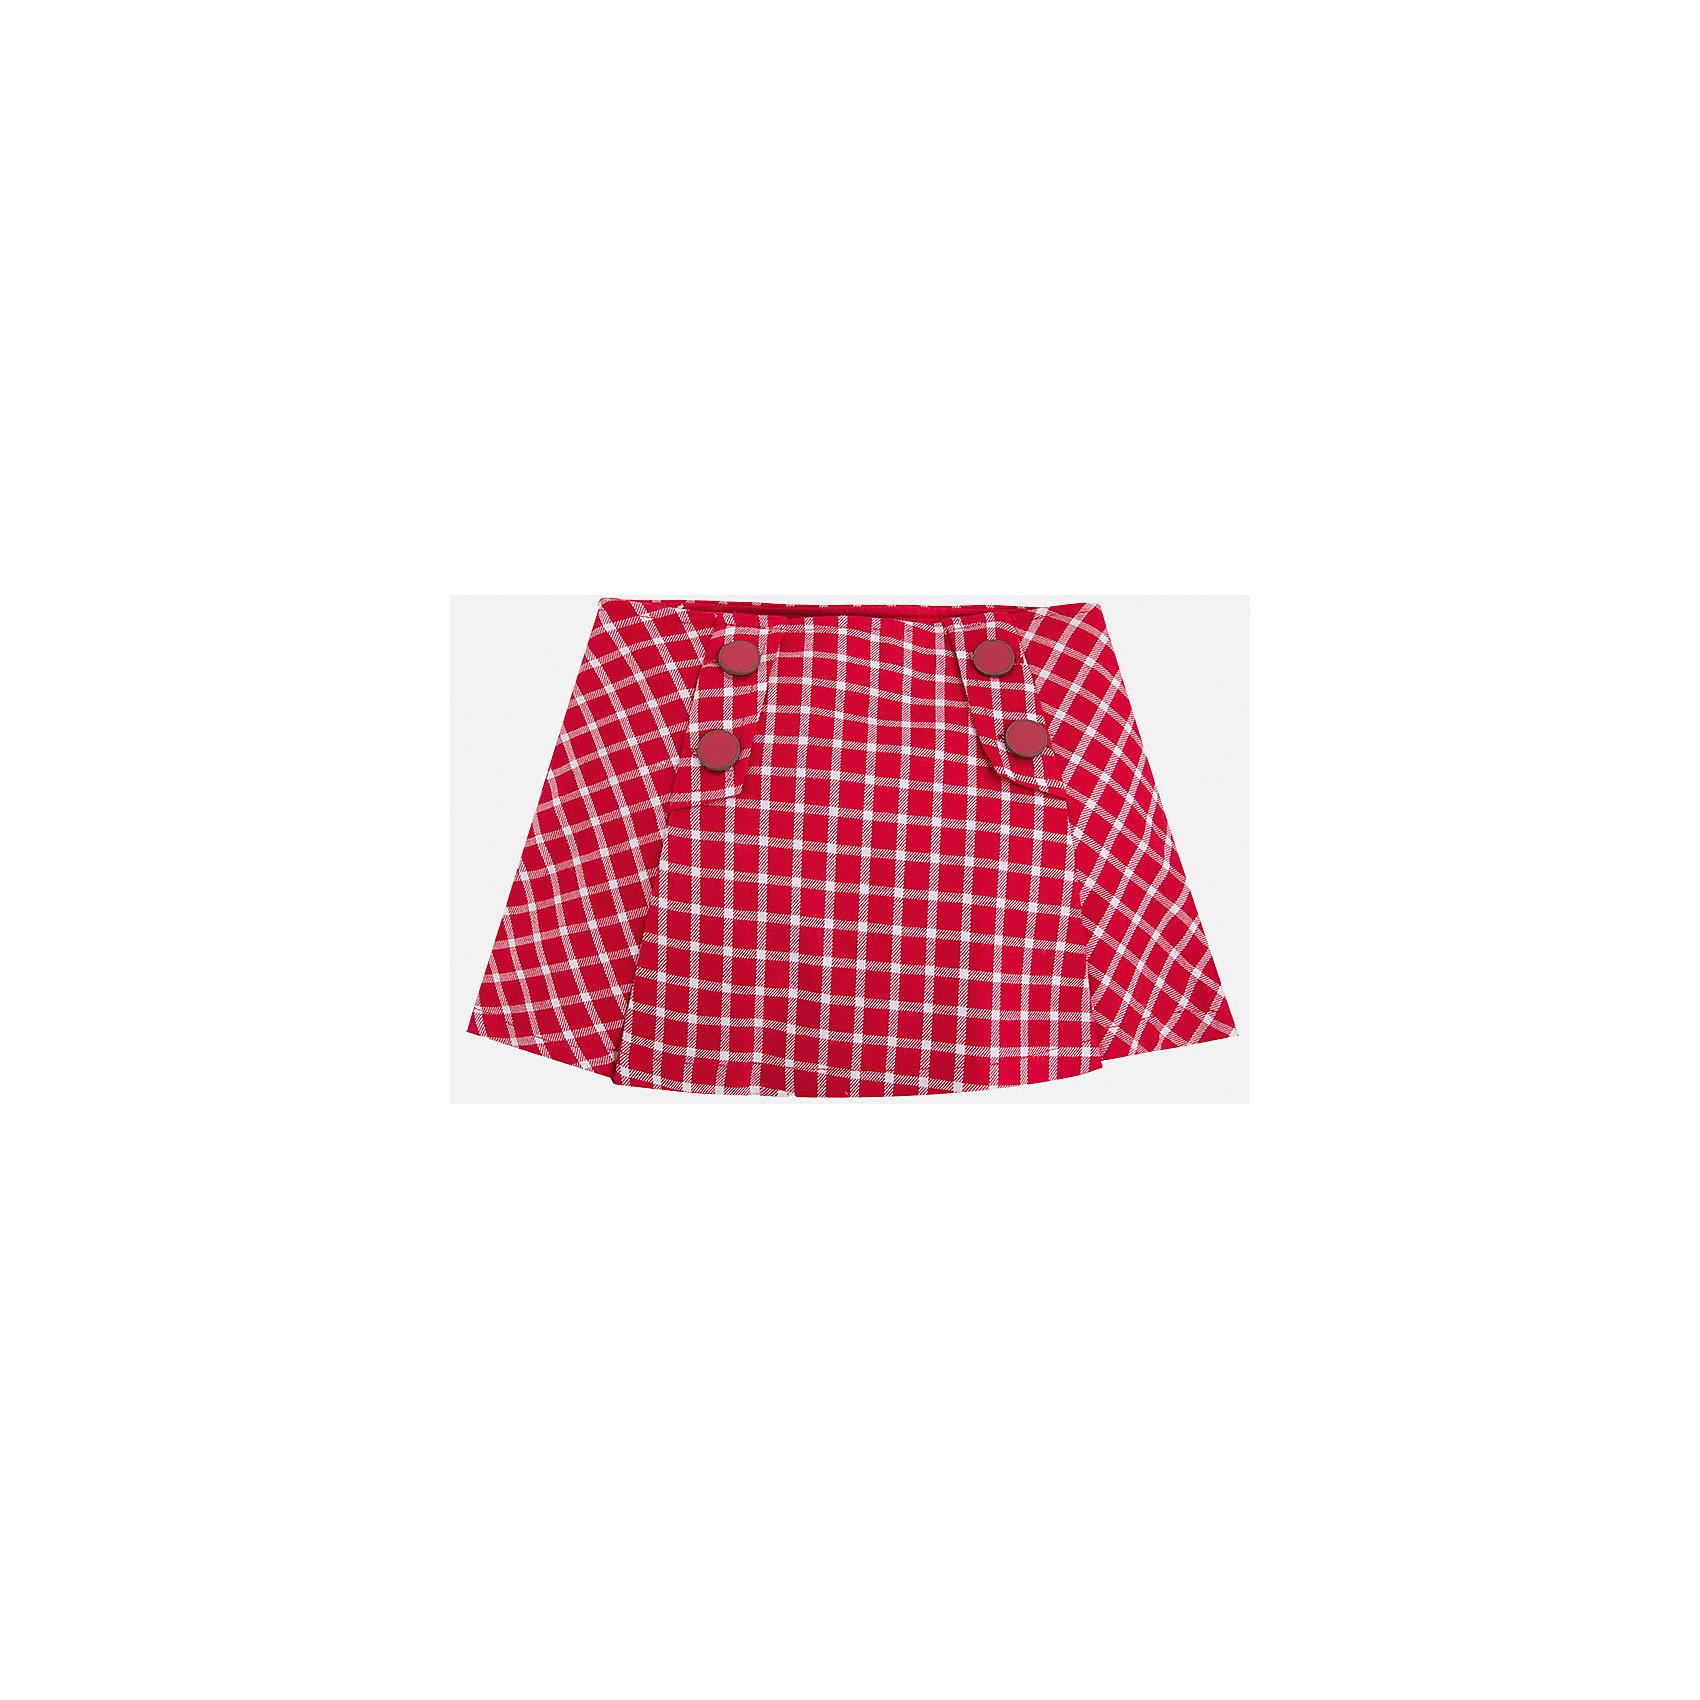 Юбка для девочки MayoralЮбка для девочки от испанского бренда Mayoral. Классическая клетчатая юбка прекрасно сочетается с кофточками и блузками. Модель изготовлена из качественных дышащих материалов. Юбка украшена декоративными пуговицами. Такая юбка прекрасно дополнит гардероб девочки.<br>Дополнительная информация:<br>-украшена декоративными пуговицами<br>-цвет: красный<br>-состав: 100% вискоза<br>Юбку Mayoral(Майорал) вы можете приобрести в нашем интернет-магазине.<br><br>Ширина мм: 207<br>Глубина мм: 10<br>Высота мм: 189<br>Вес г: 183<br>Цвет: красный<br>Возраст от месяцев: 96<br>Возраст до месяцев: 108<br>Пол: Женский<br>Возраст: Детский<br>Размер: 104,110,116,128,134,122,92,98<br>SKU: 4844264